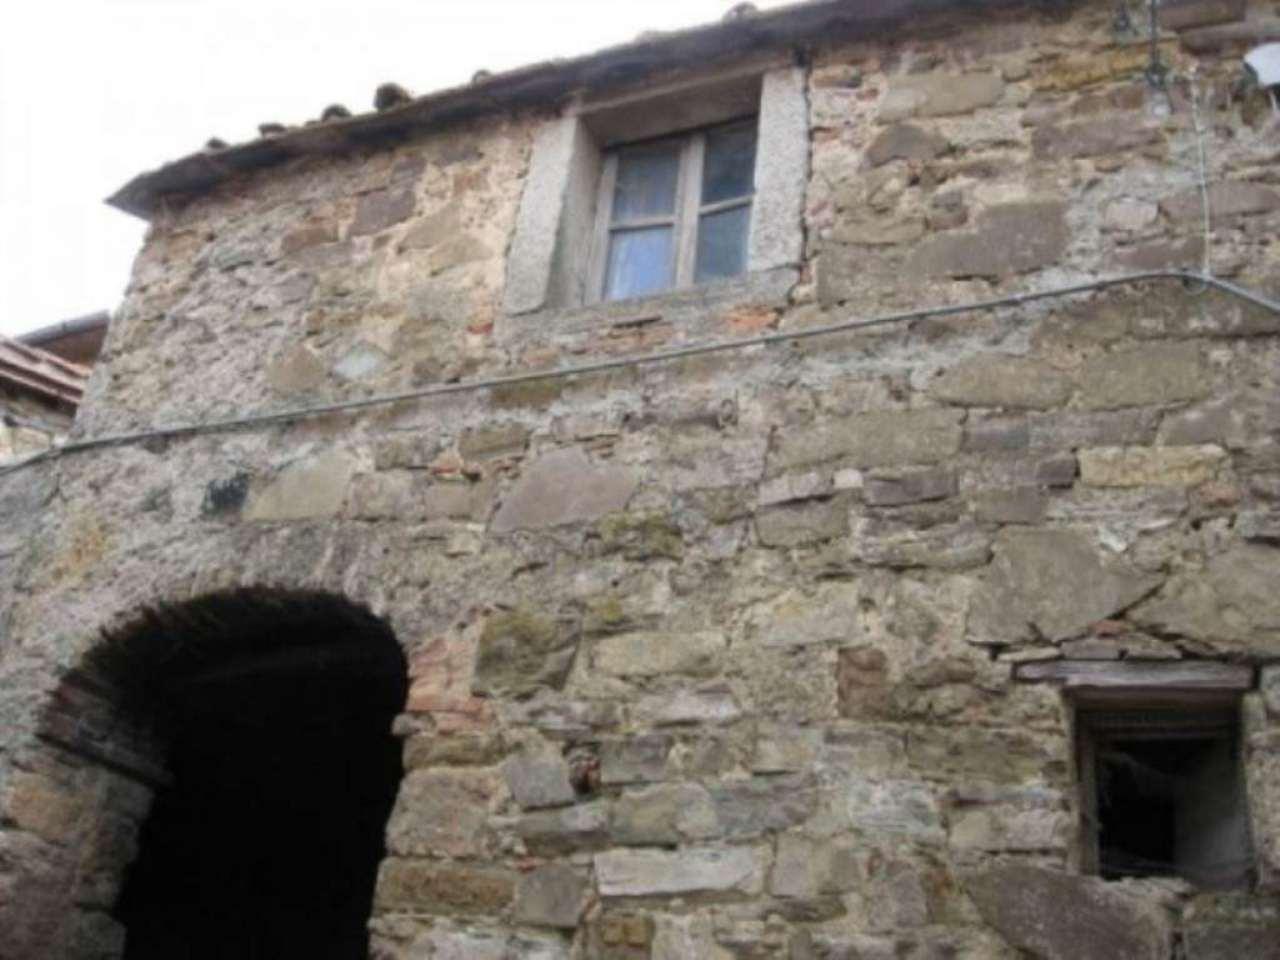 Appartamento in vendita a Seggiano, 6 locali, prezzo € 28.000 | Cambio Casa.it